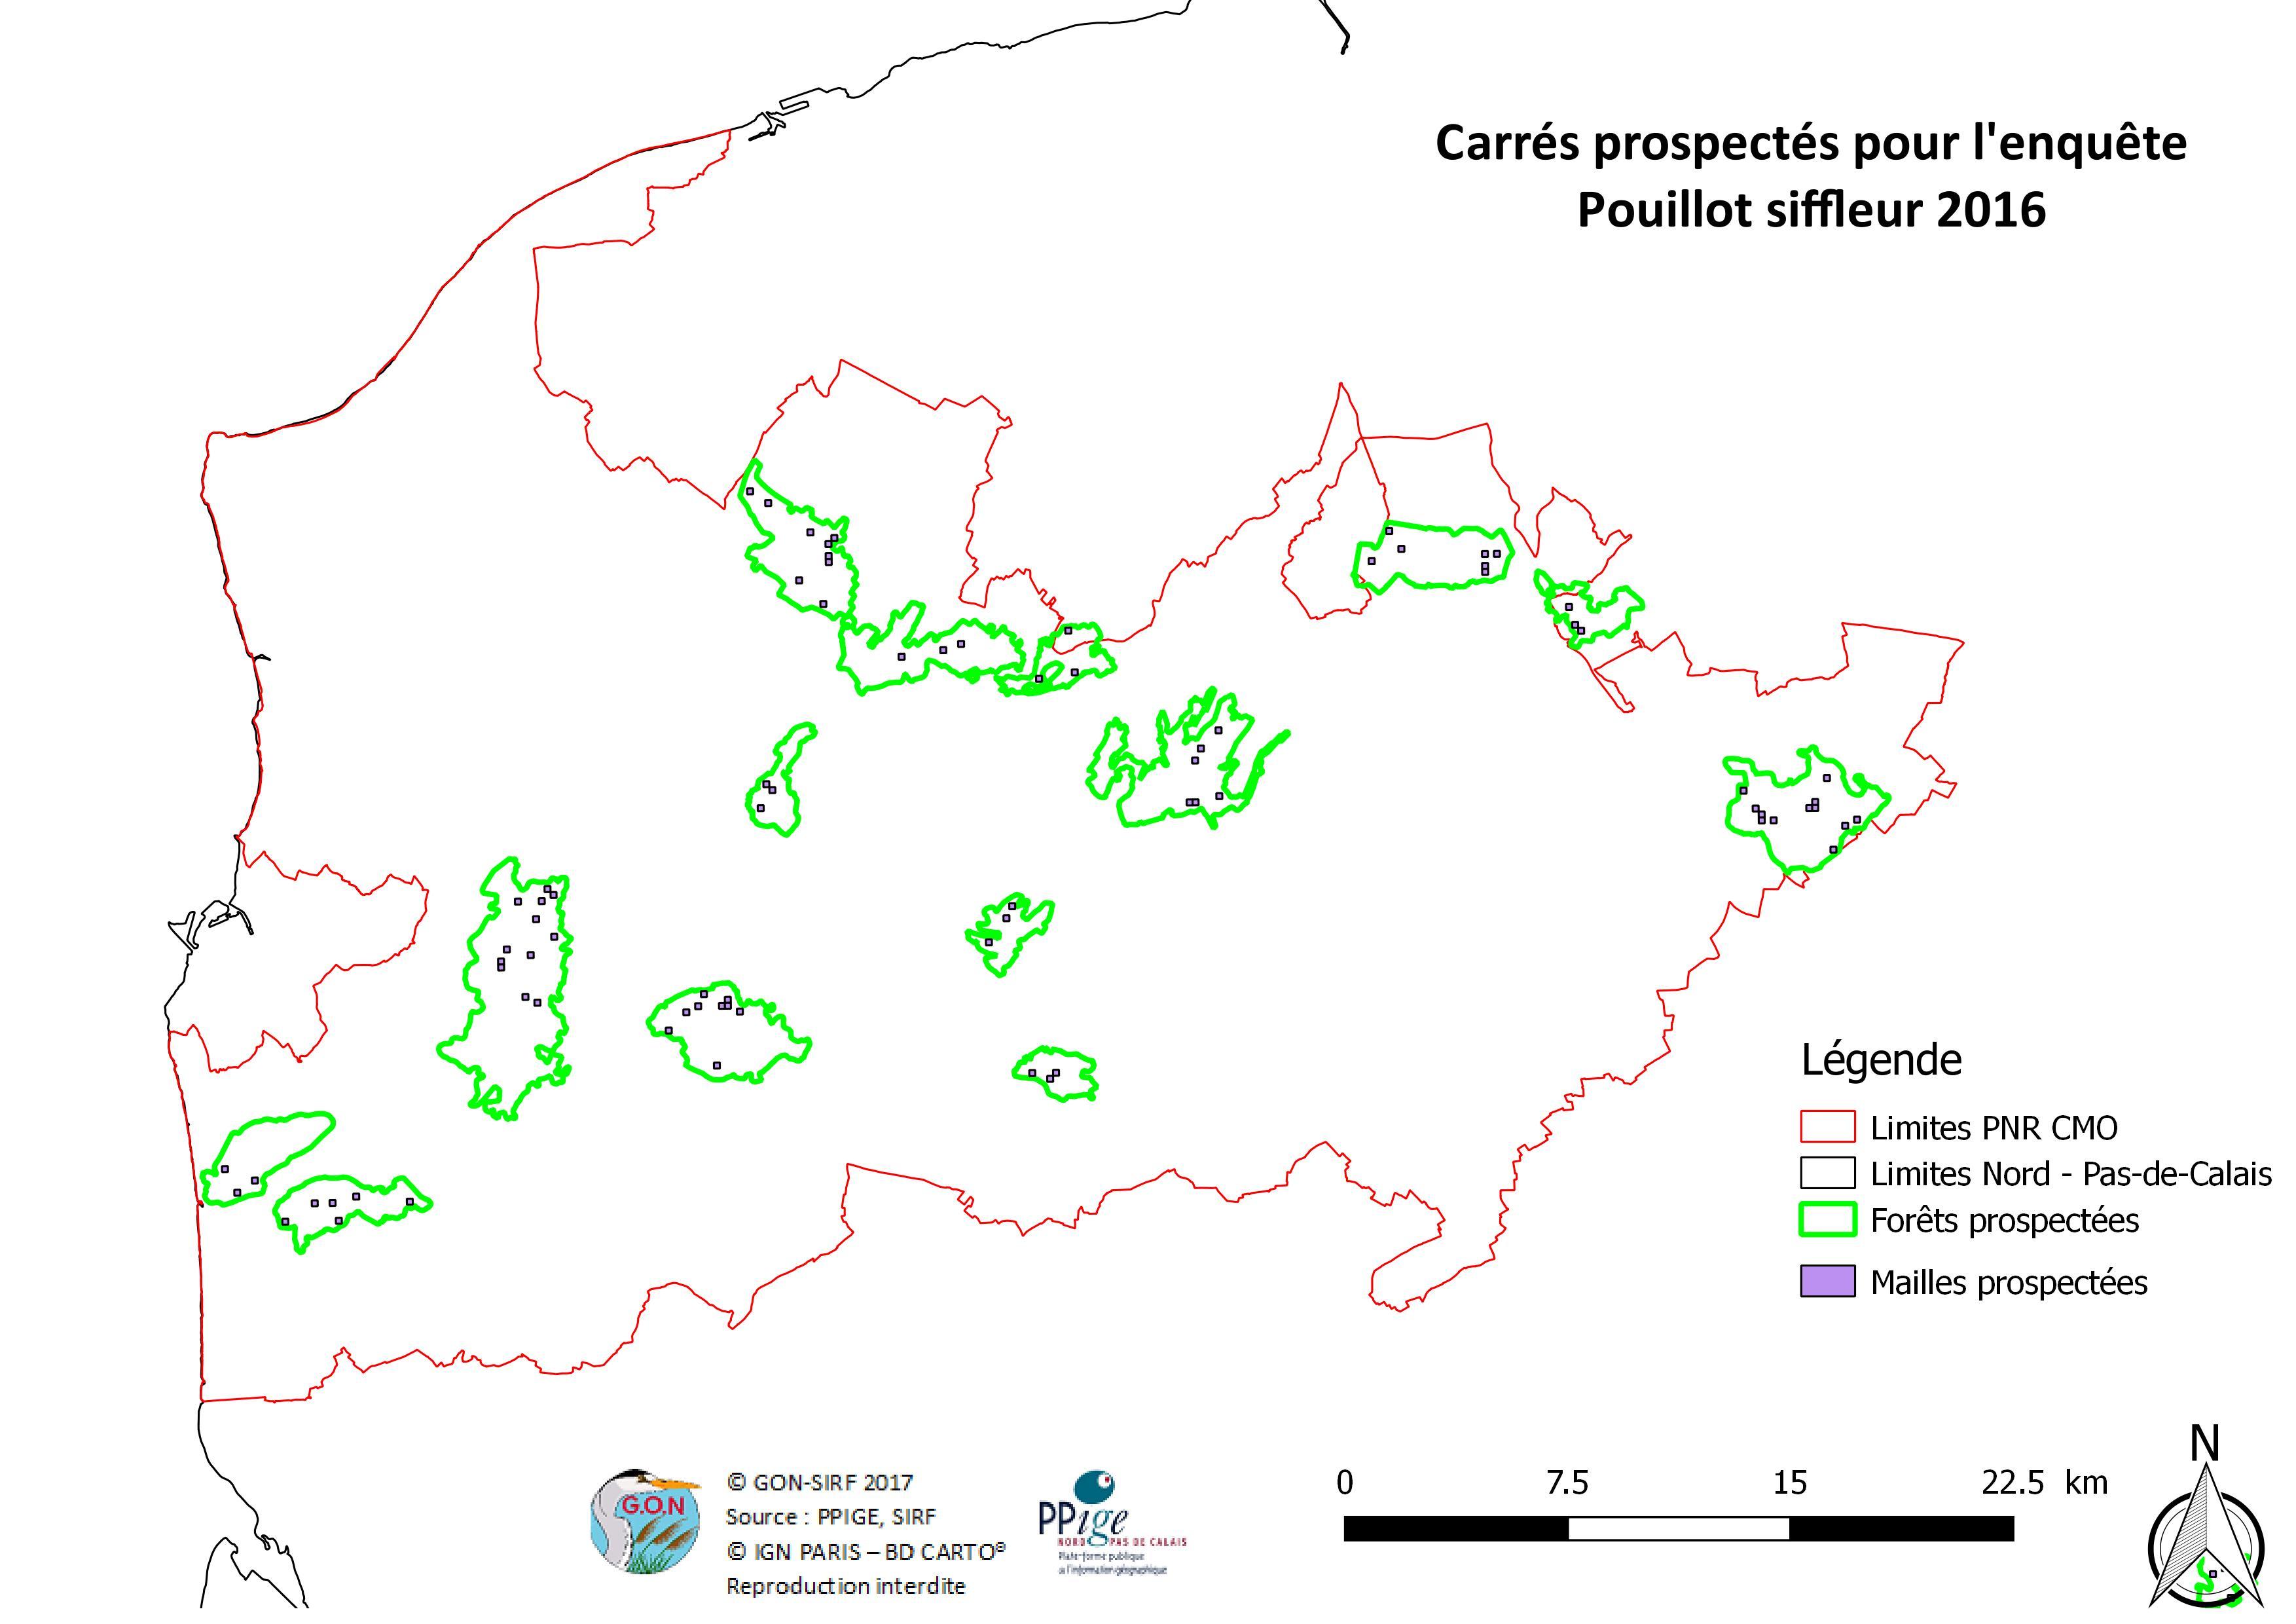 Localisation des points d'écoute réalisés et des mailles prospectées recensés au cours de l'enquête 2016 sur le territoire du PNR CMO (Mahiez & Beaudoin, 2016)